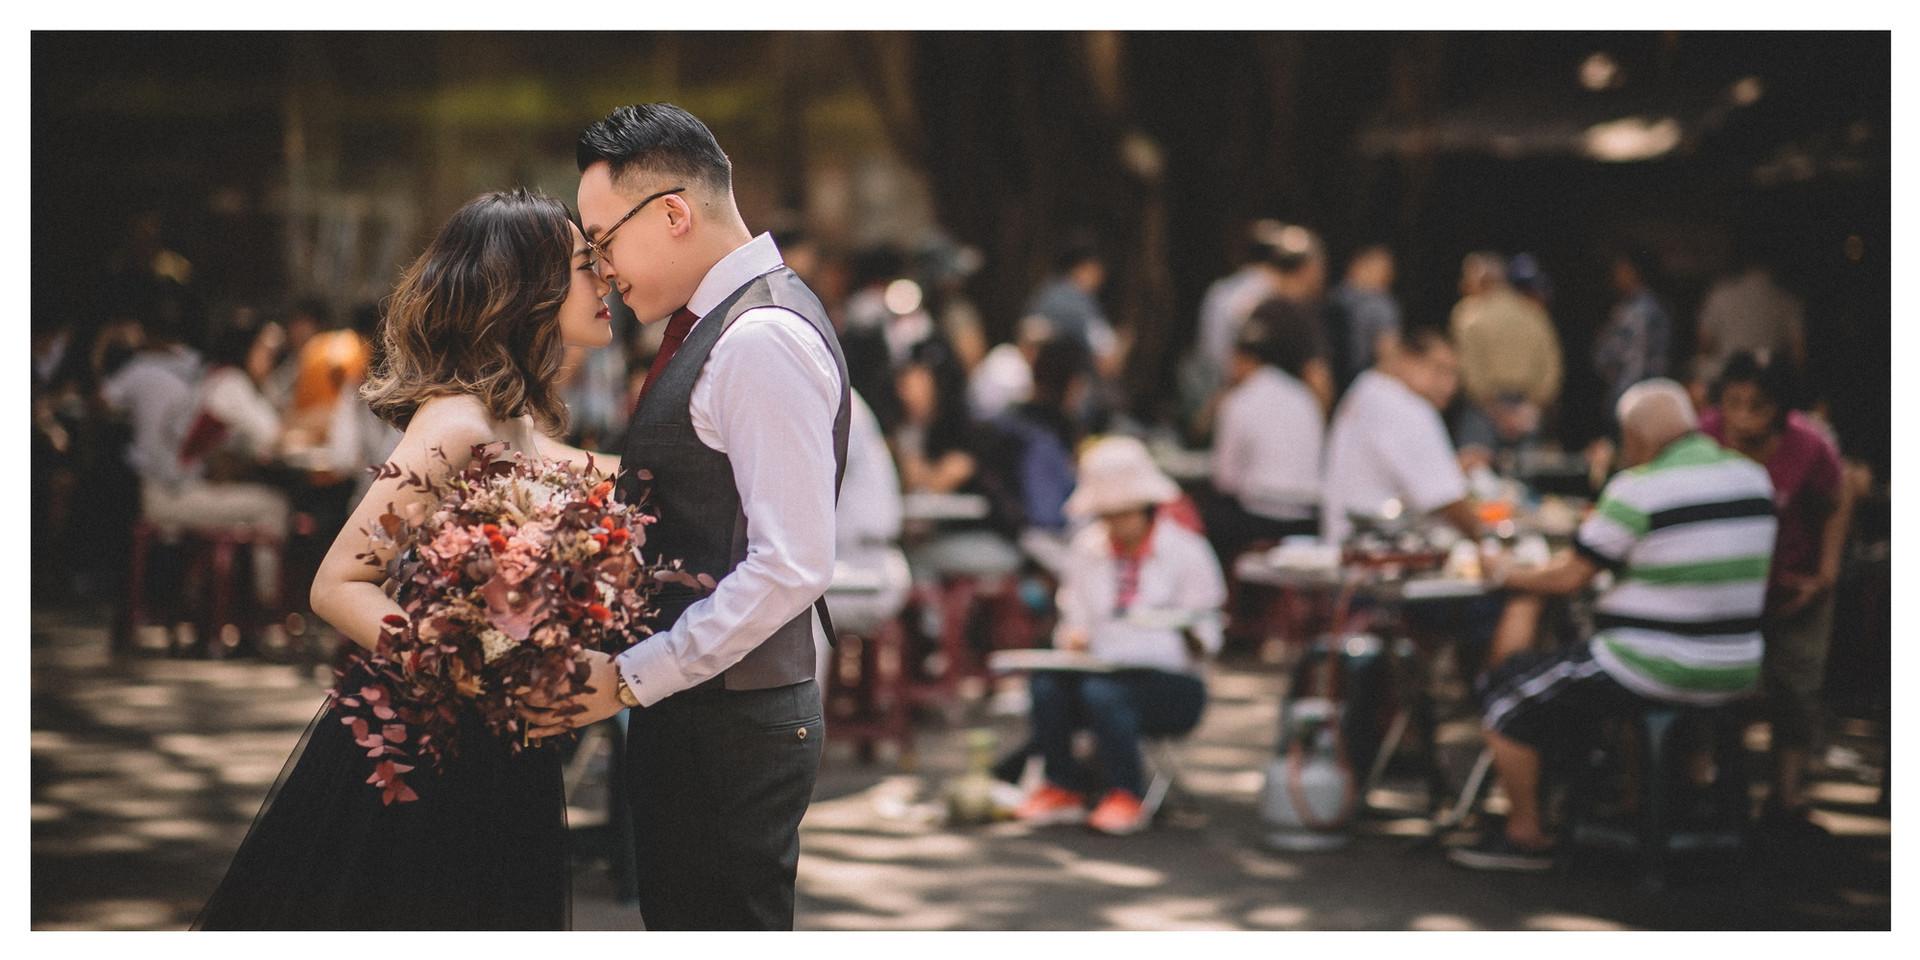 花卉試驗中心 /  黑森林 / 慈聖宮前廣場 / 迪化年貨街 / 柴犬 / 寵物婚紗 / 自然捲棚拍 / 素人寫真